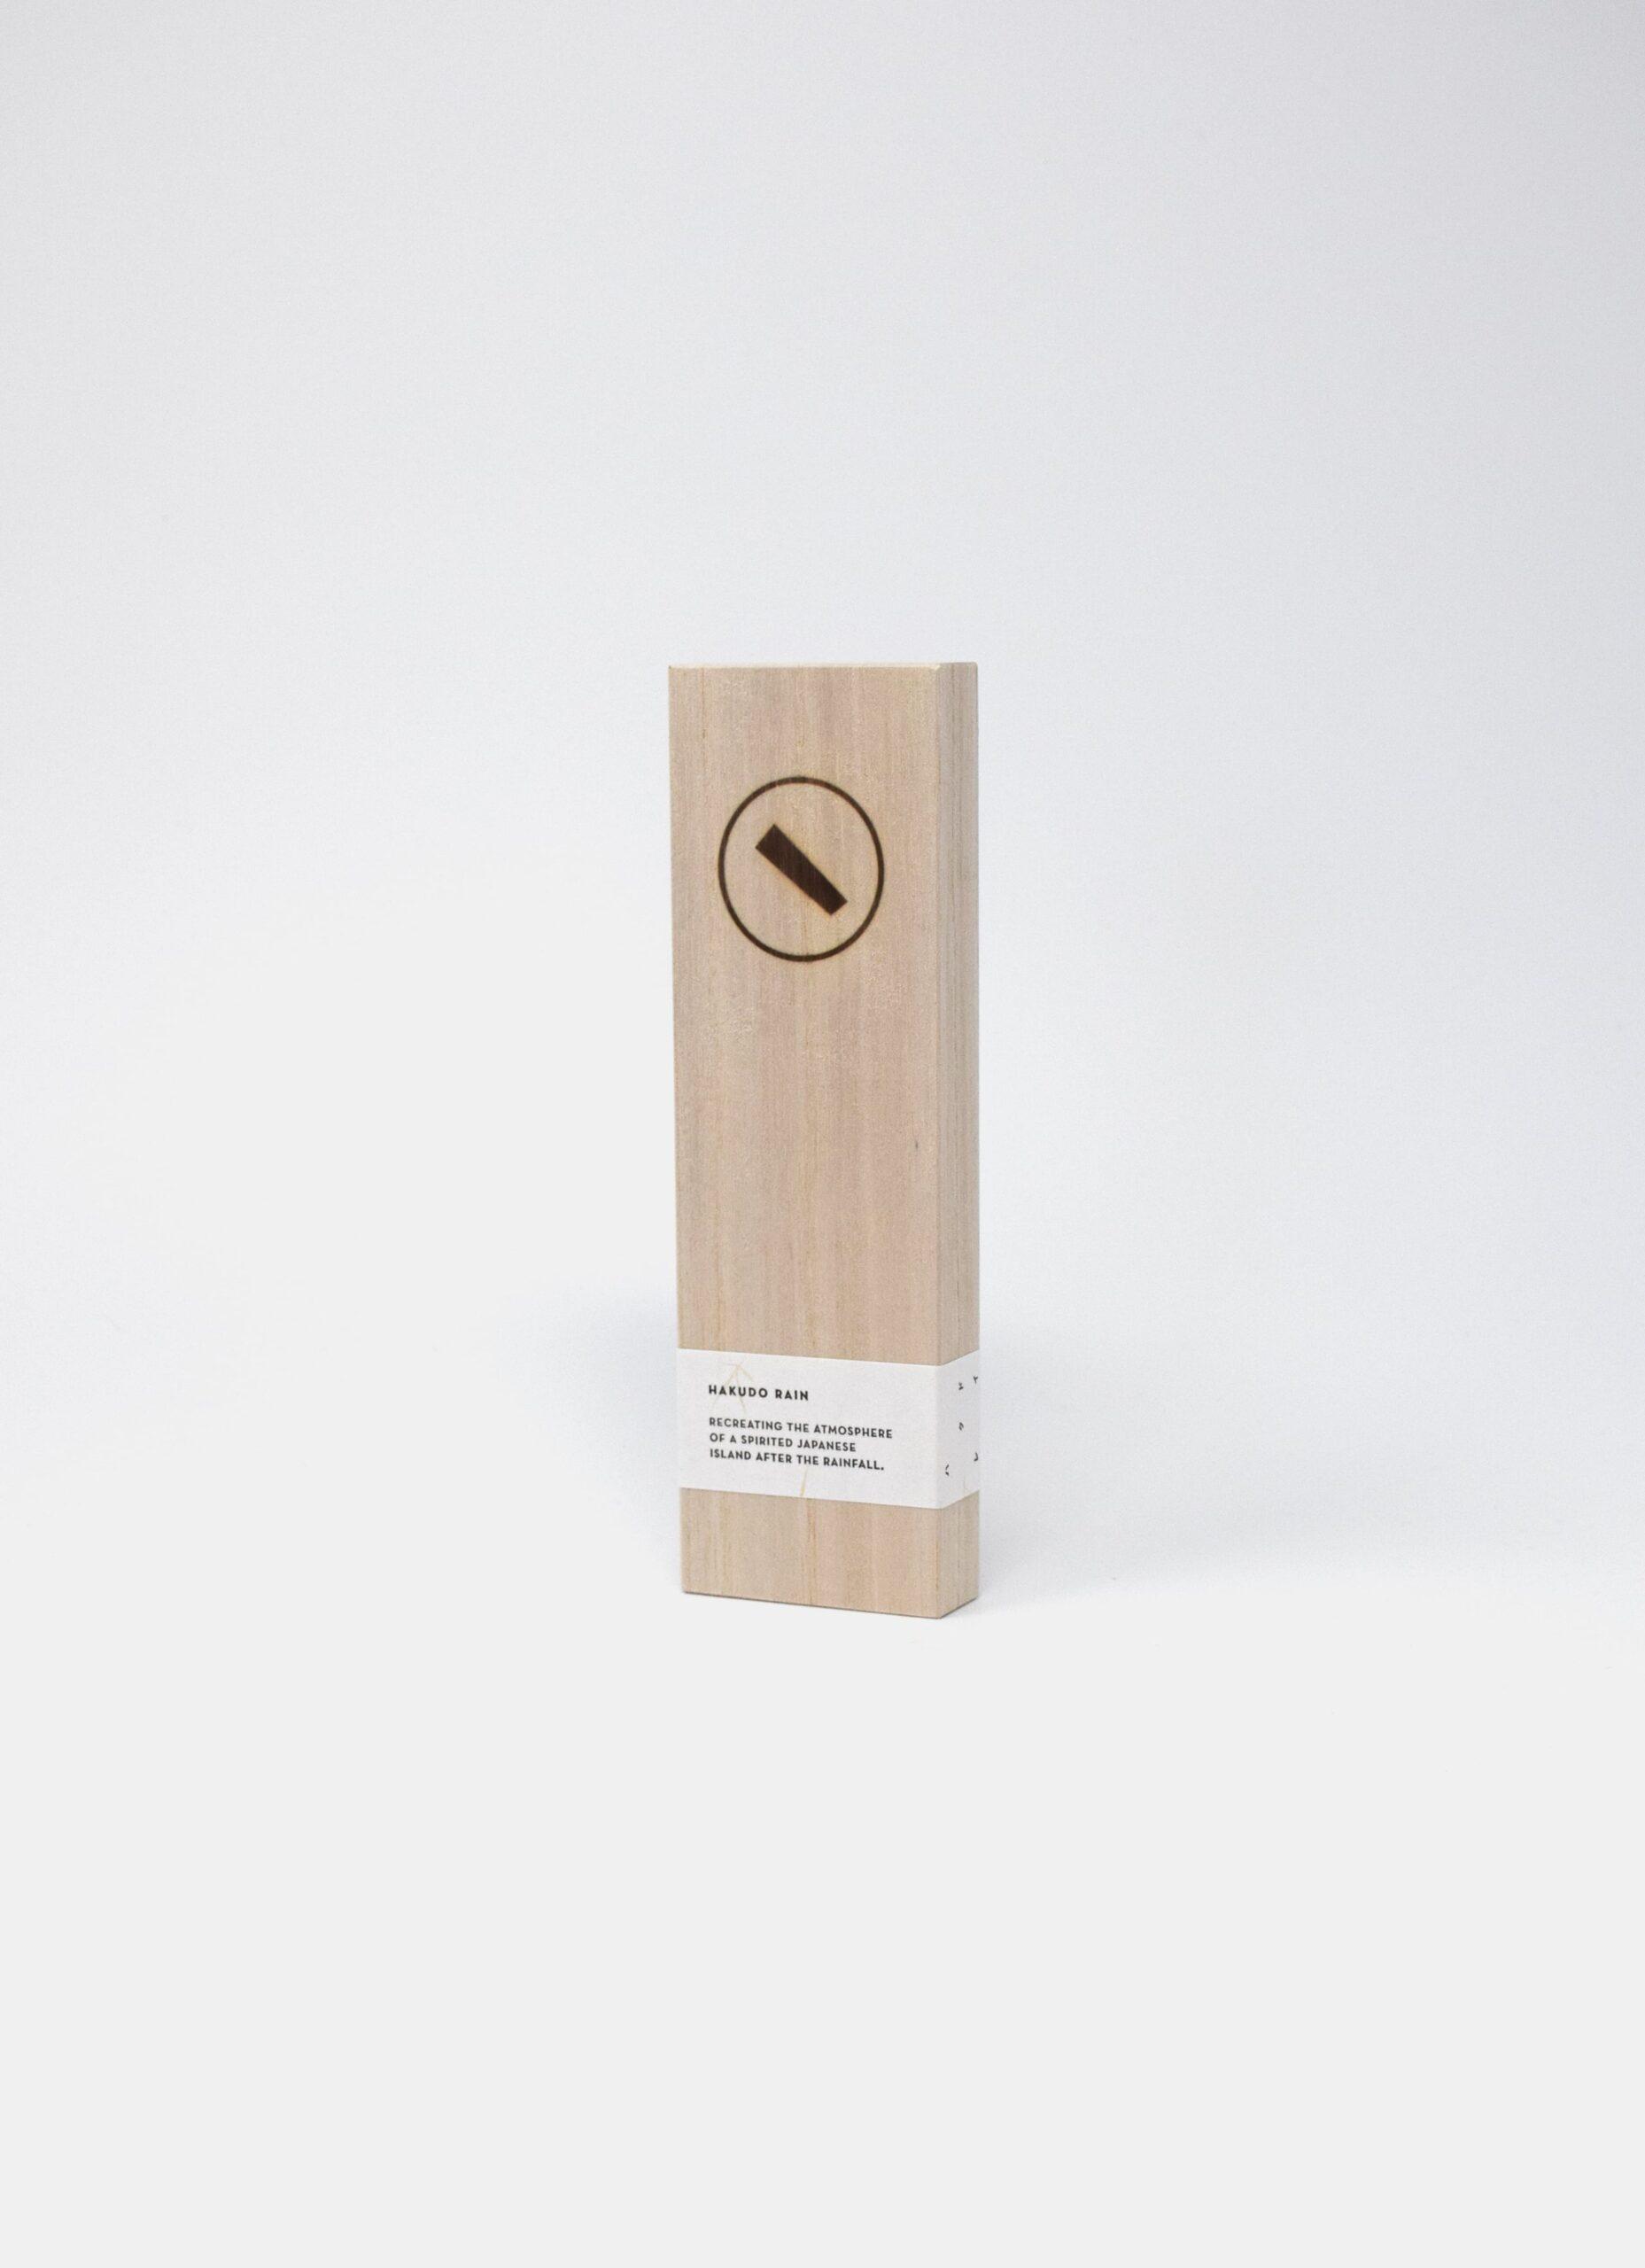 Aoiro Studio - Hakudo Rain - Incense Sticks - Box of 30